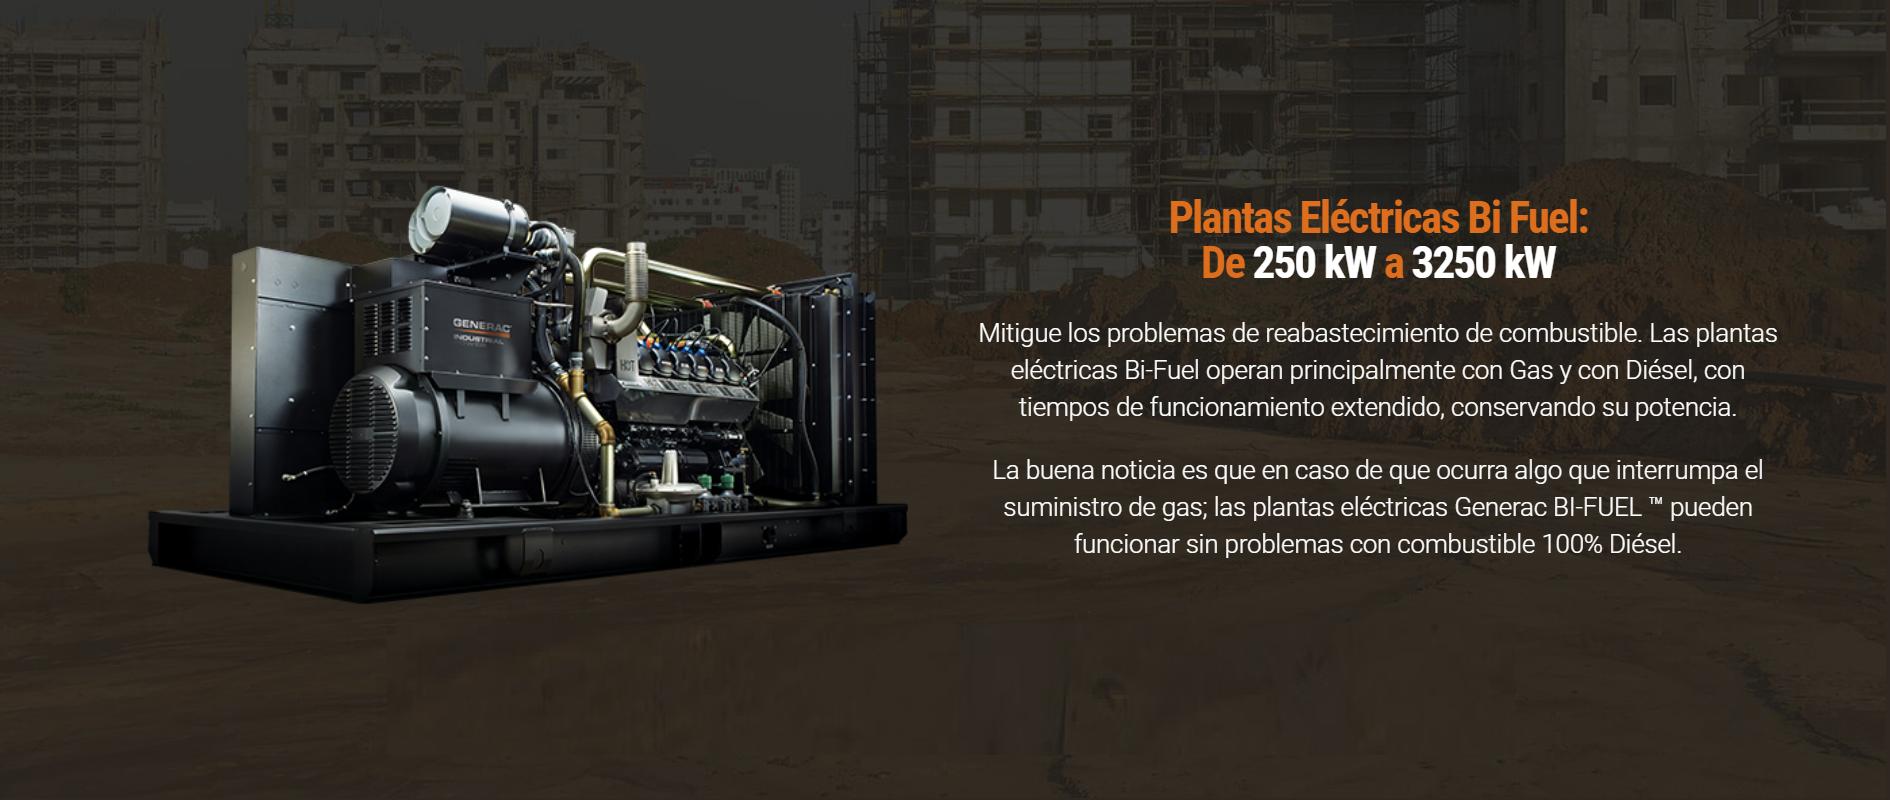 Plantas Eléctricas Bi Fuel De 250 kW a 3250 kW